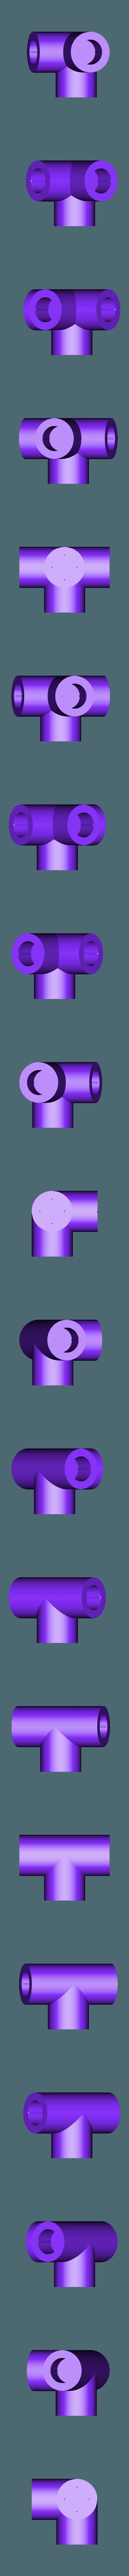 axle_connector_T_T.STL Télécharger fichier STL gratuit MEGA Expansion 200+ Pièces • Plan à imprimer en 3D, Pwentey